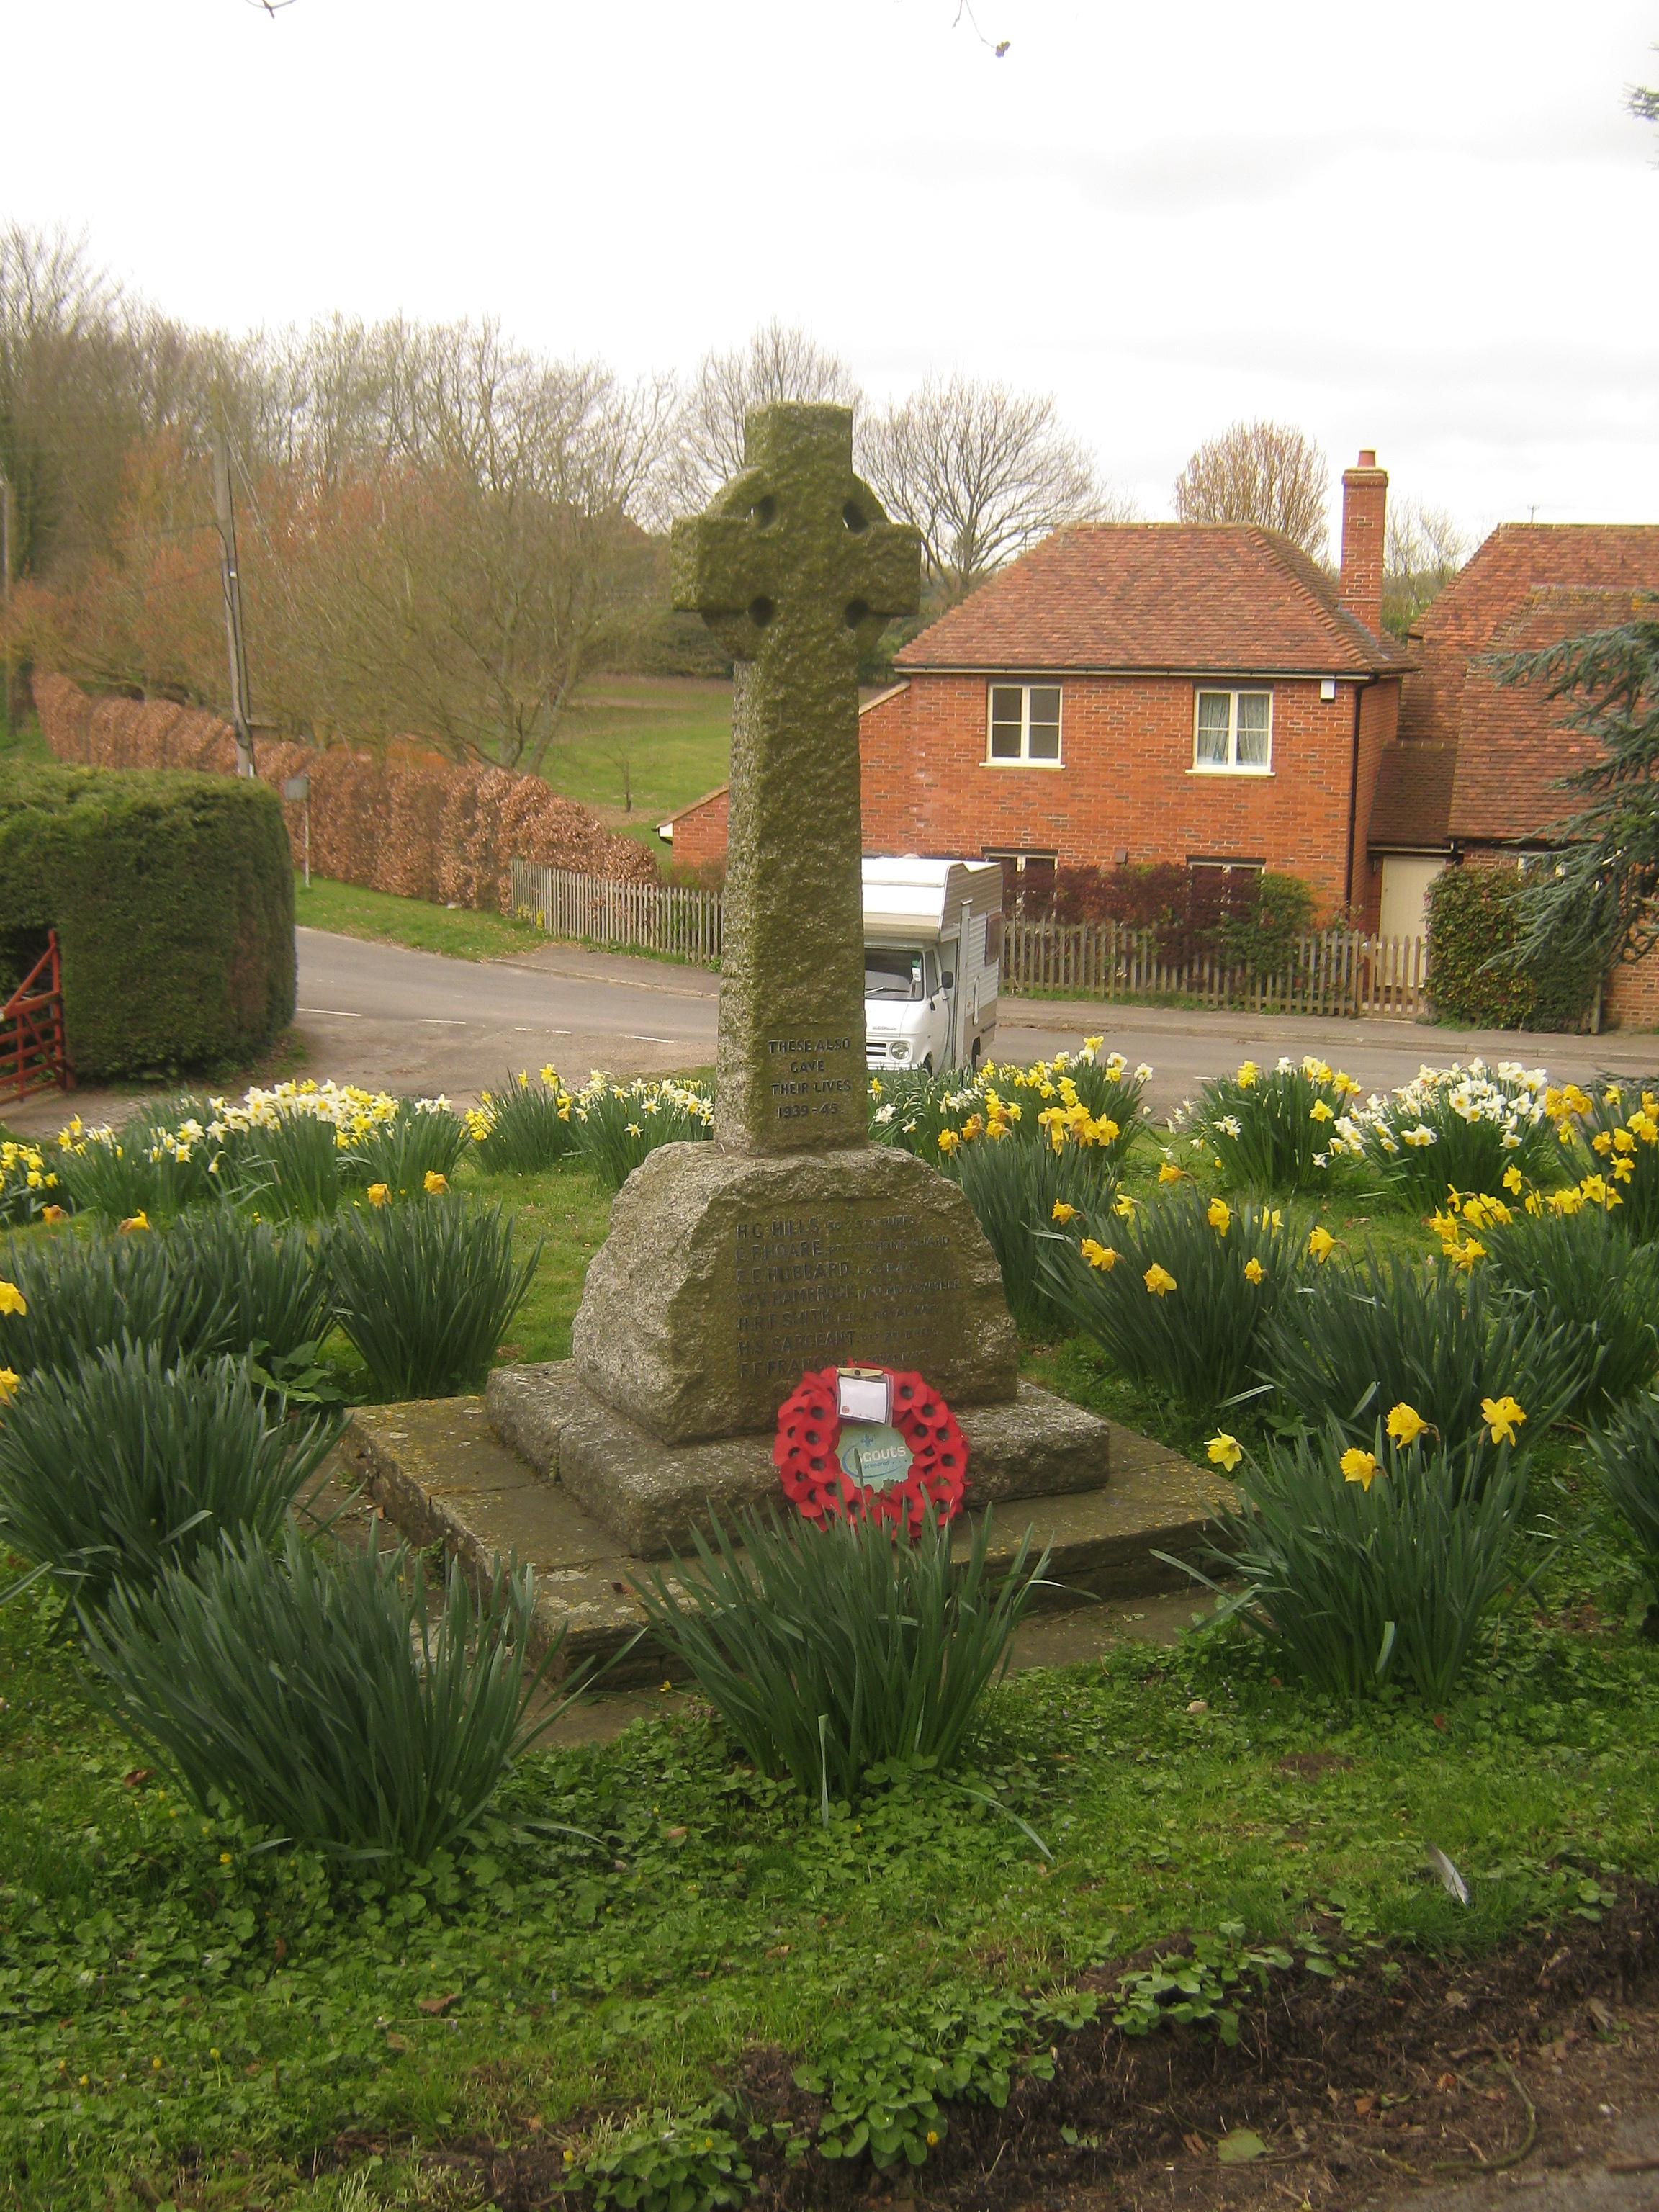 File:Lower Hardres War Memorial - geograph.org.uk - 1802452.jpg ...